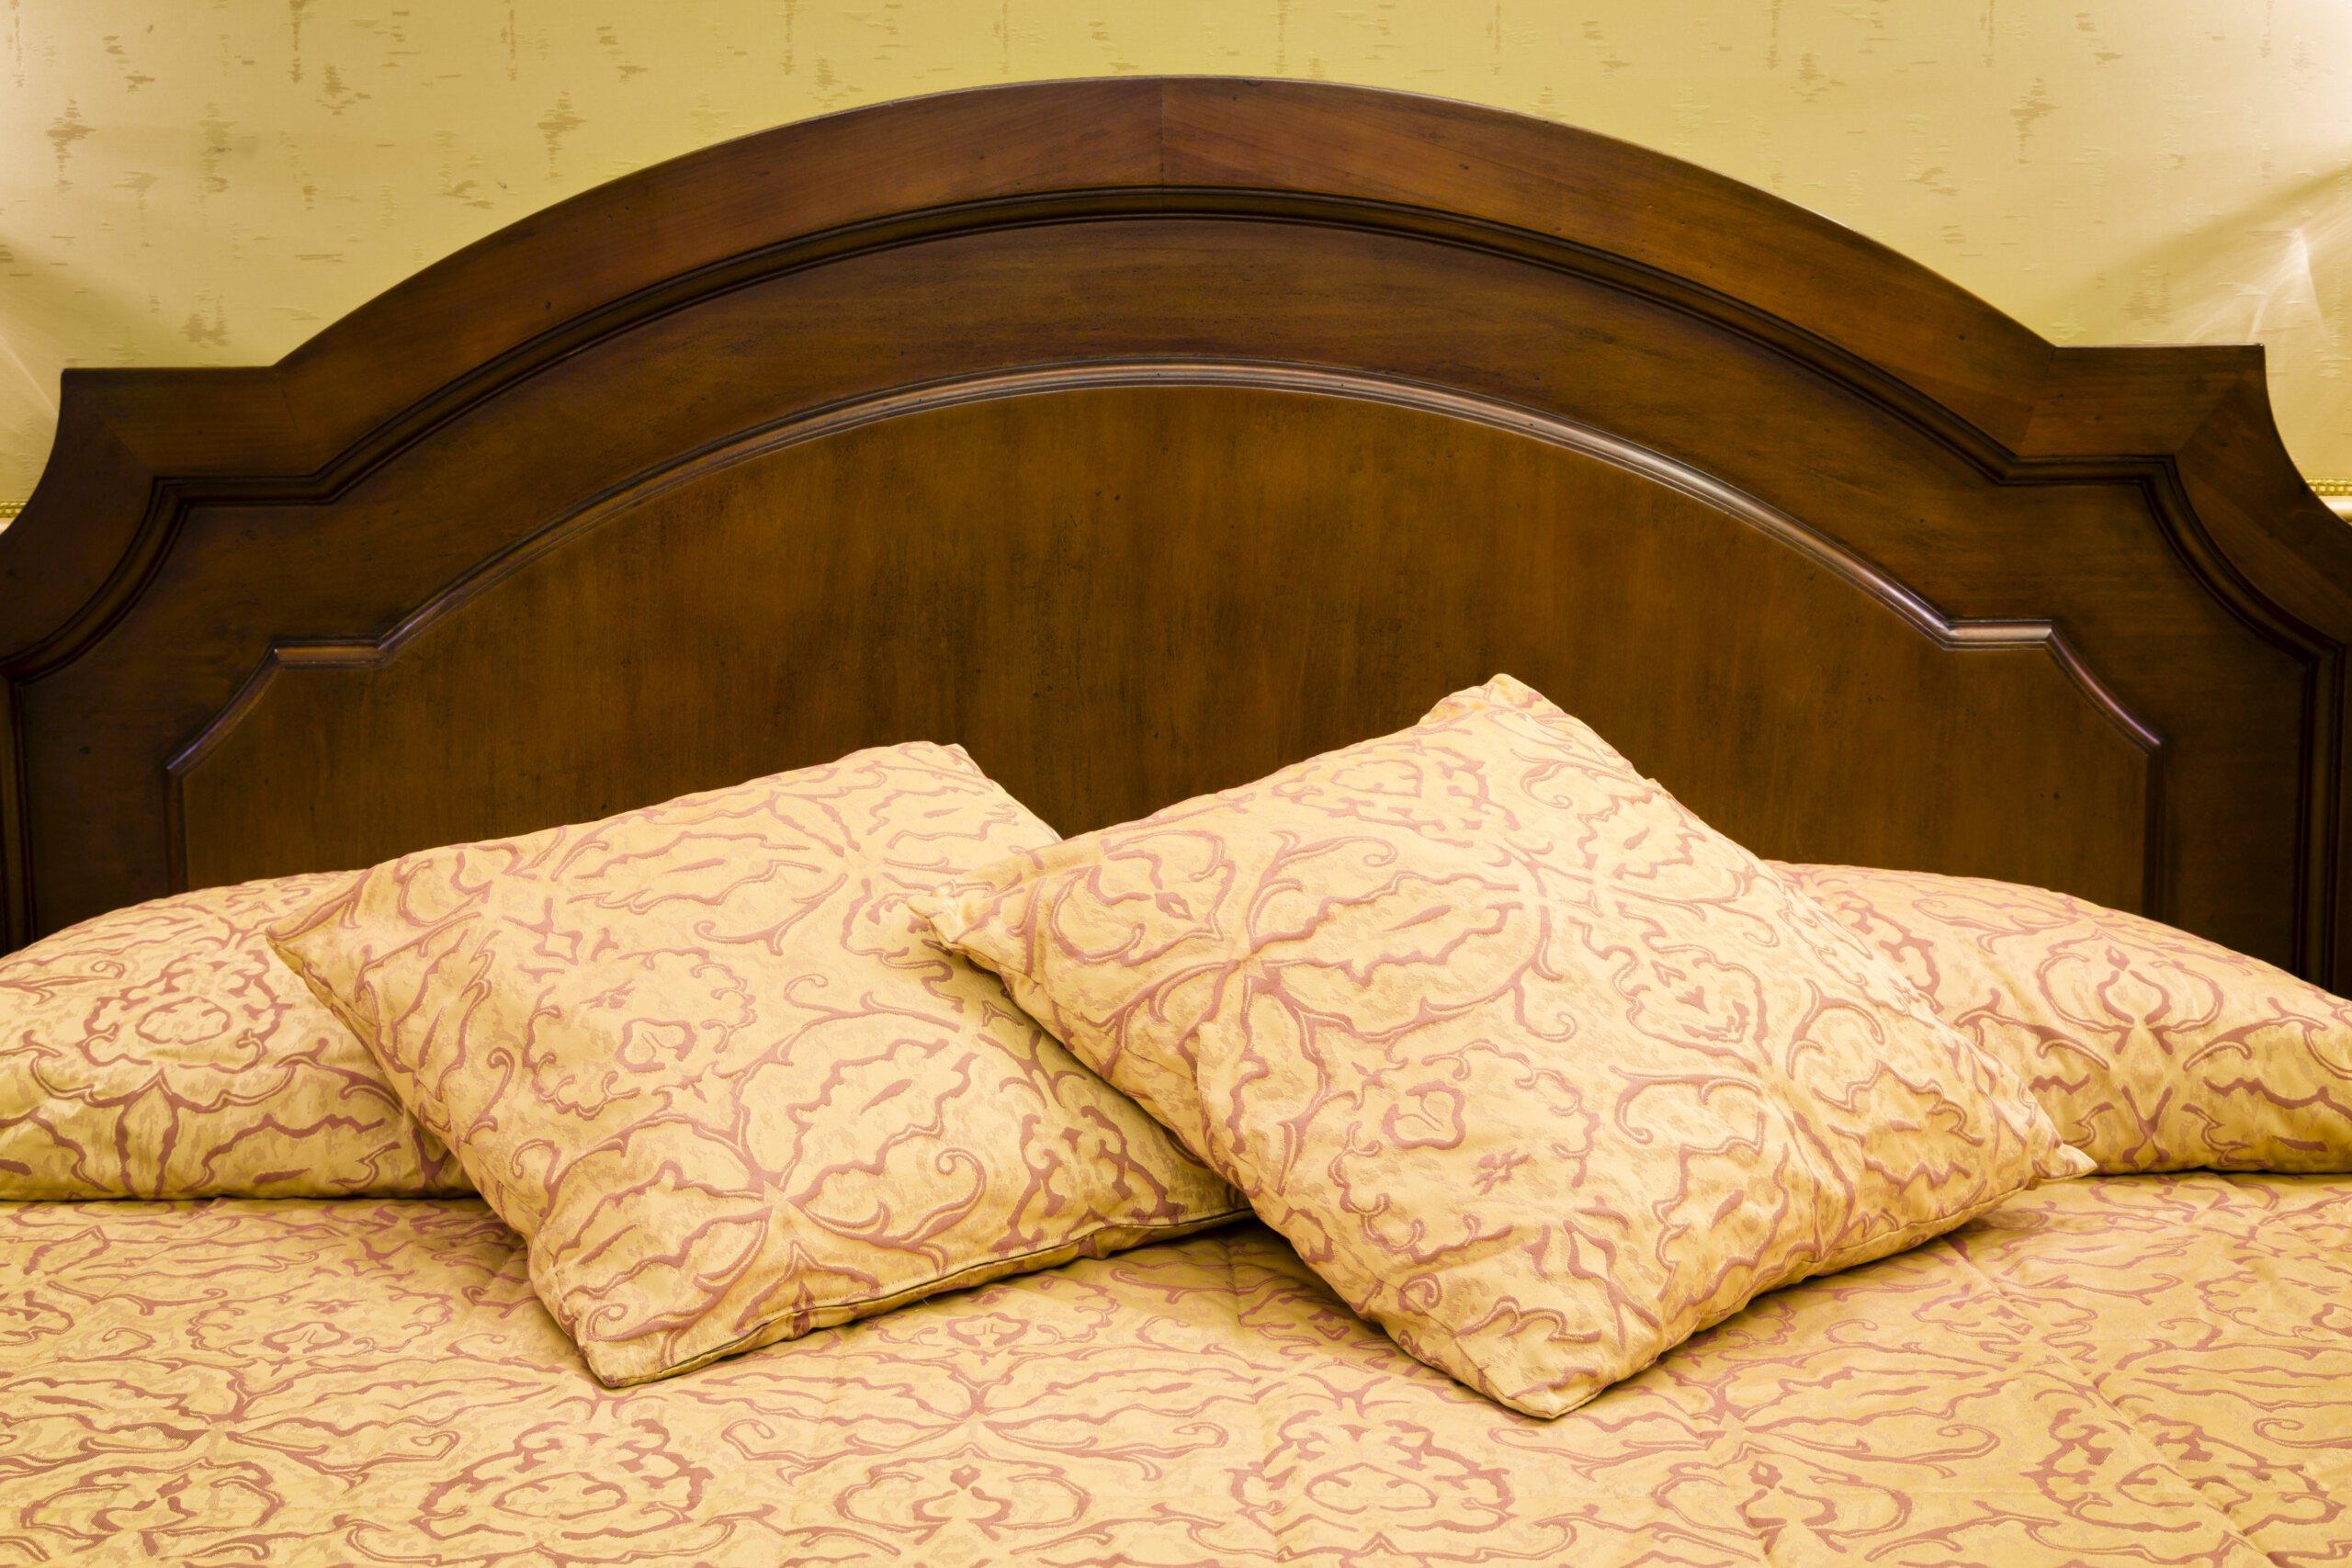 Cabeceira da cama